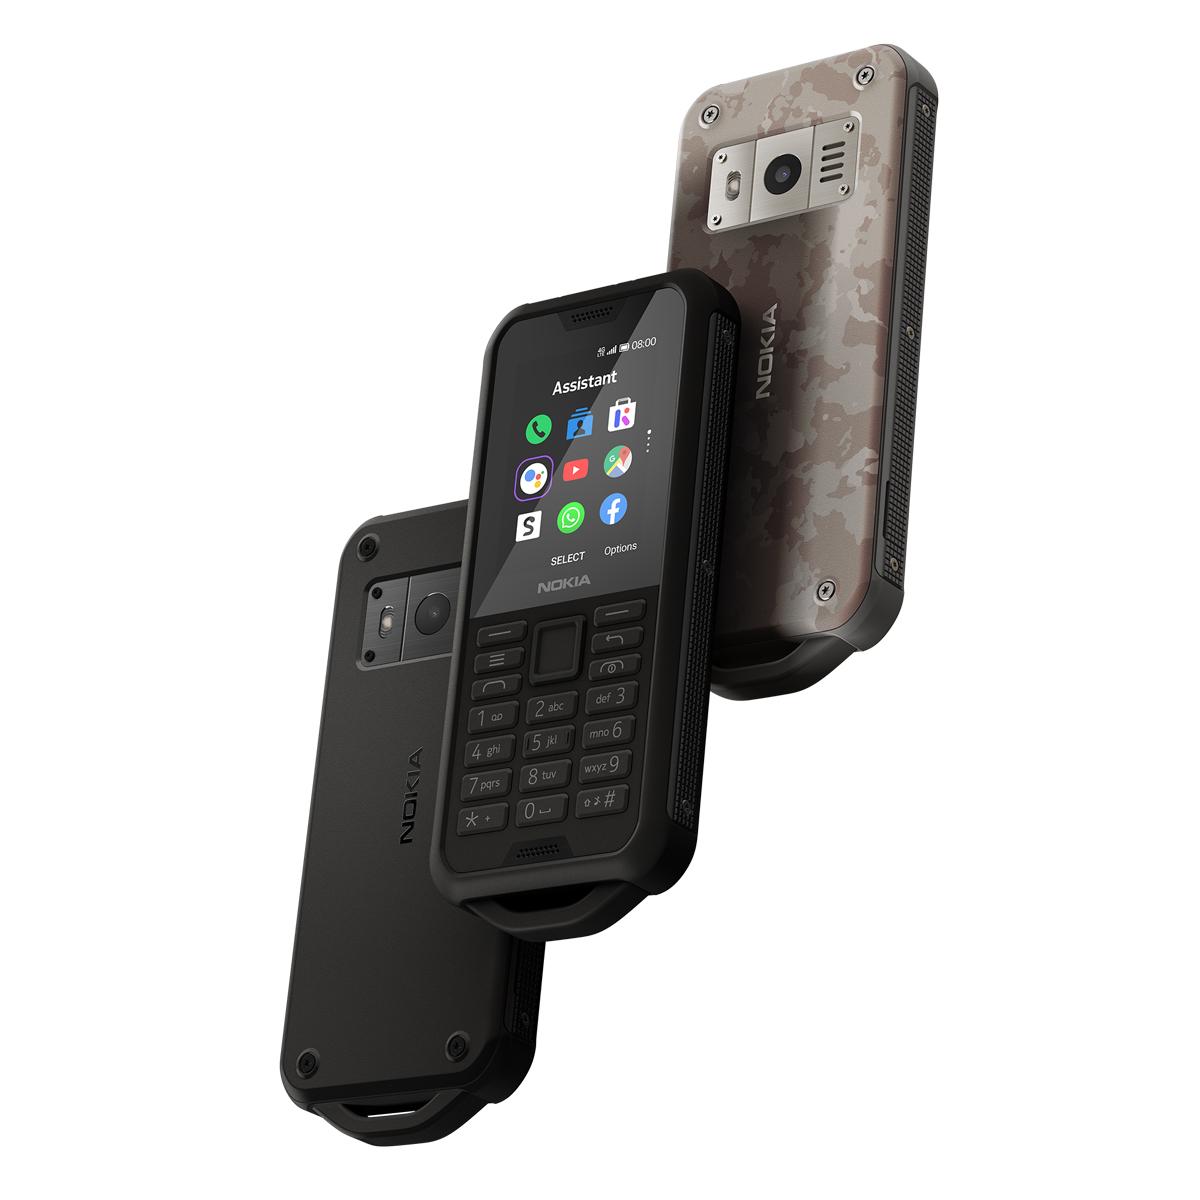 Nokia-800-Tough-group-2